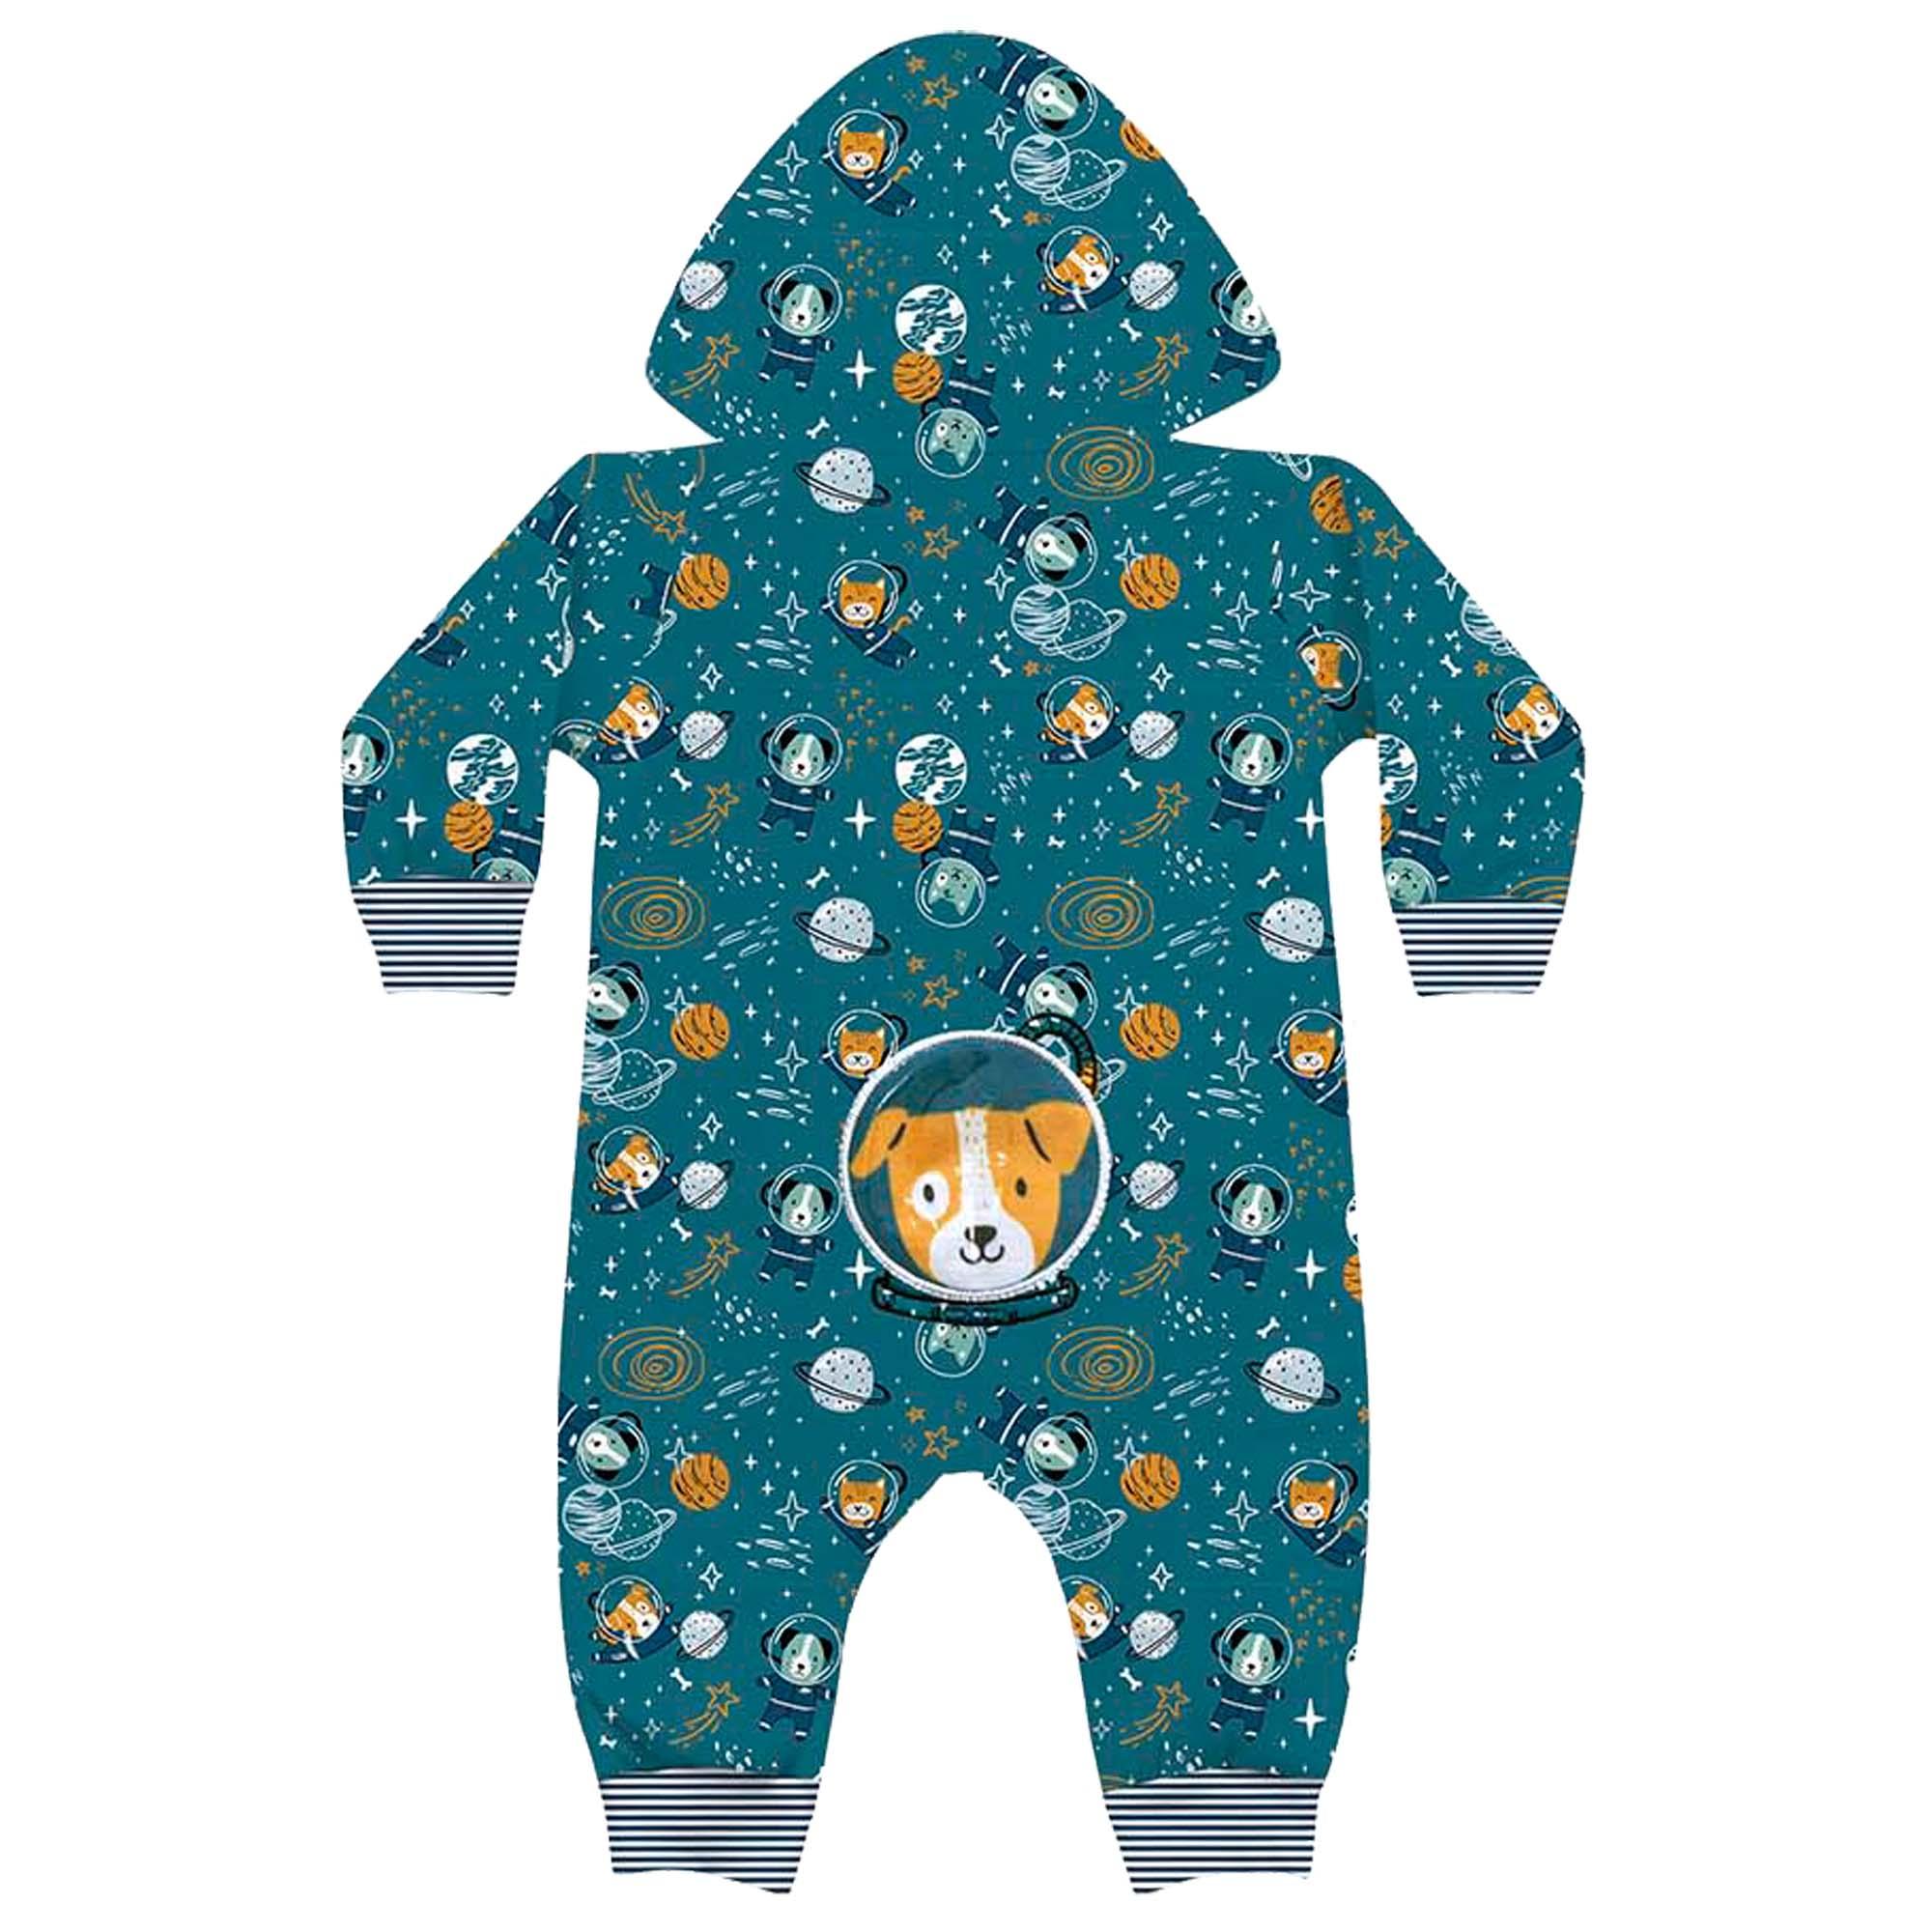 Macacão Kiko Baby de Suedine - Space Dog - RN ao M